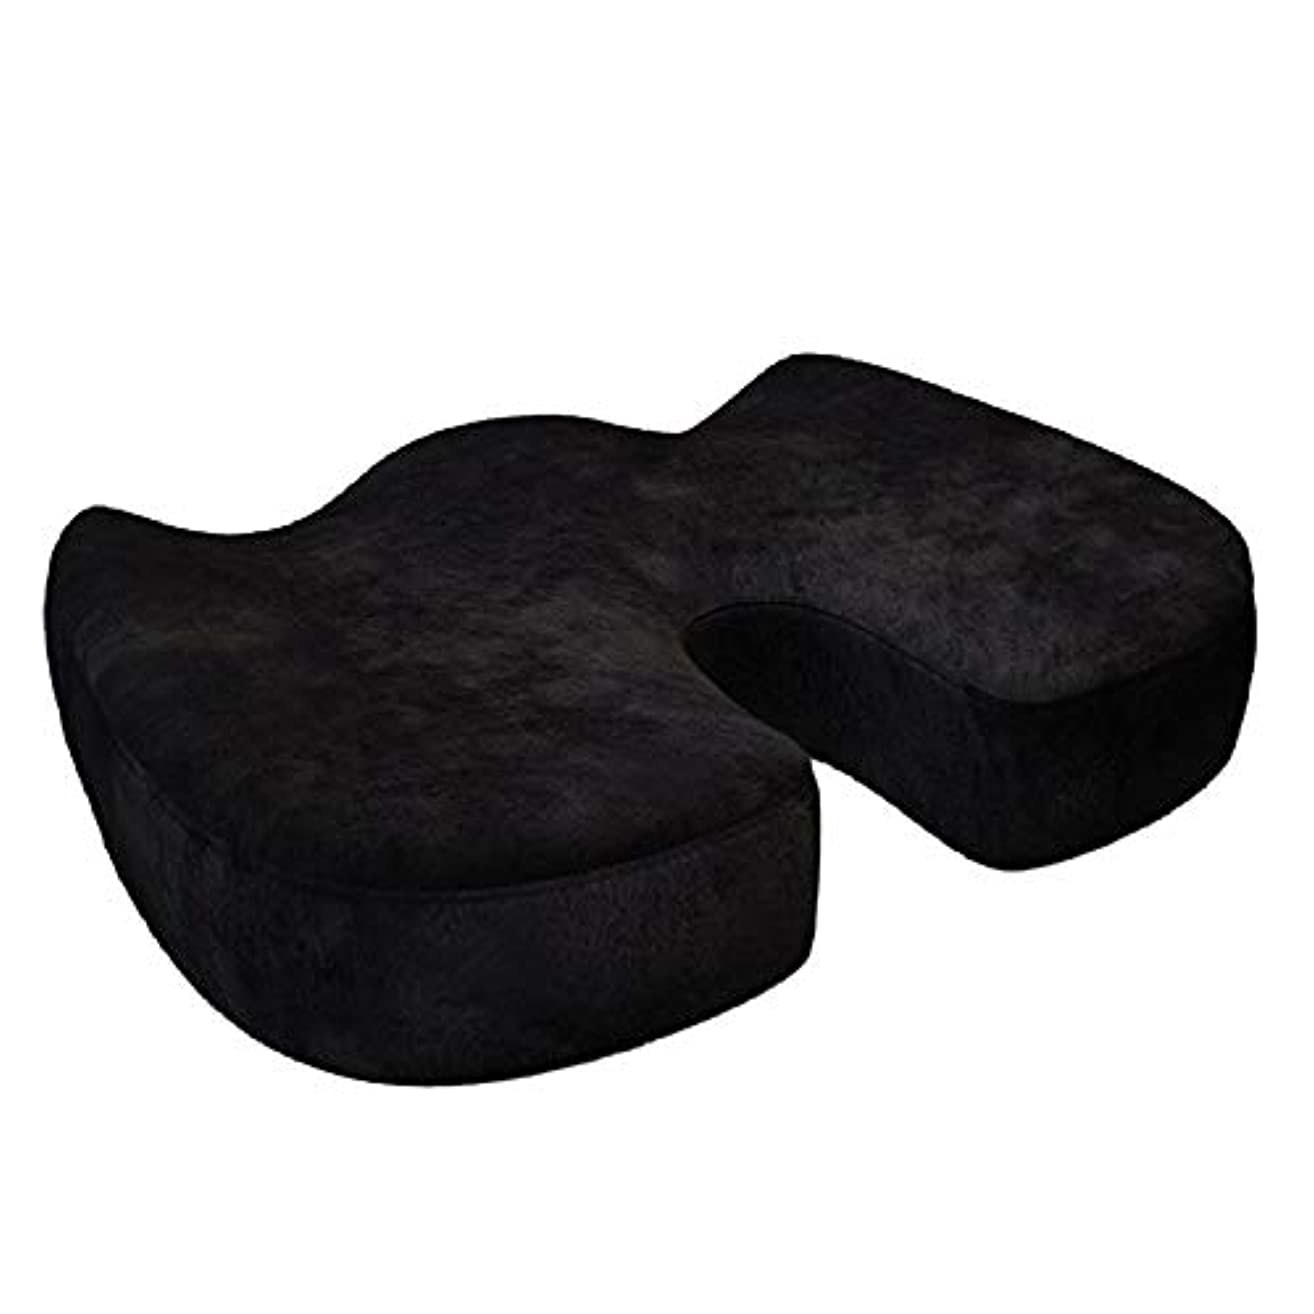 トレイルブルジョンアダルトLIFE をホット販売整形外科枕シート低反発椅子オフィスクッション尾骨 クッション 椅子